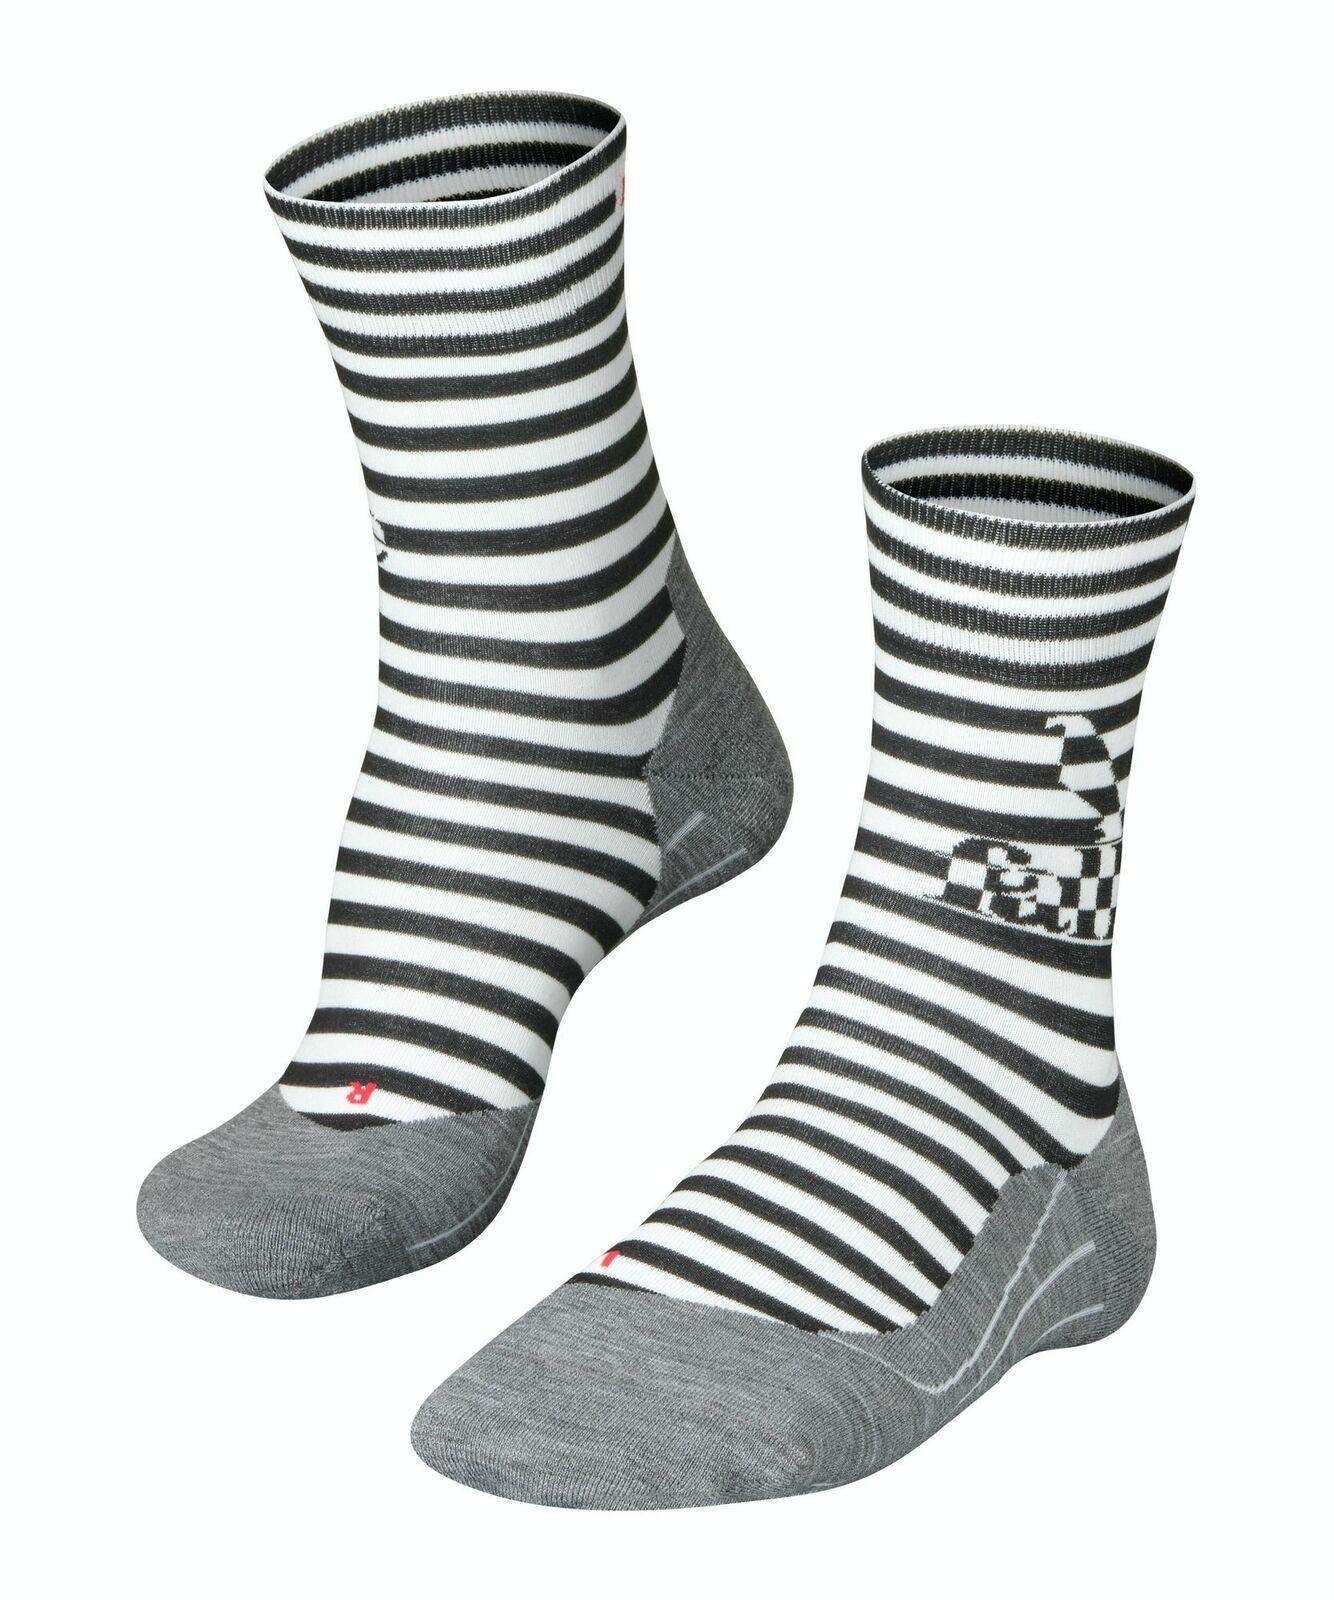 Falke FALKE RU4 Trend Damen Socken Laufsocken Sportsocken Joggingsocken